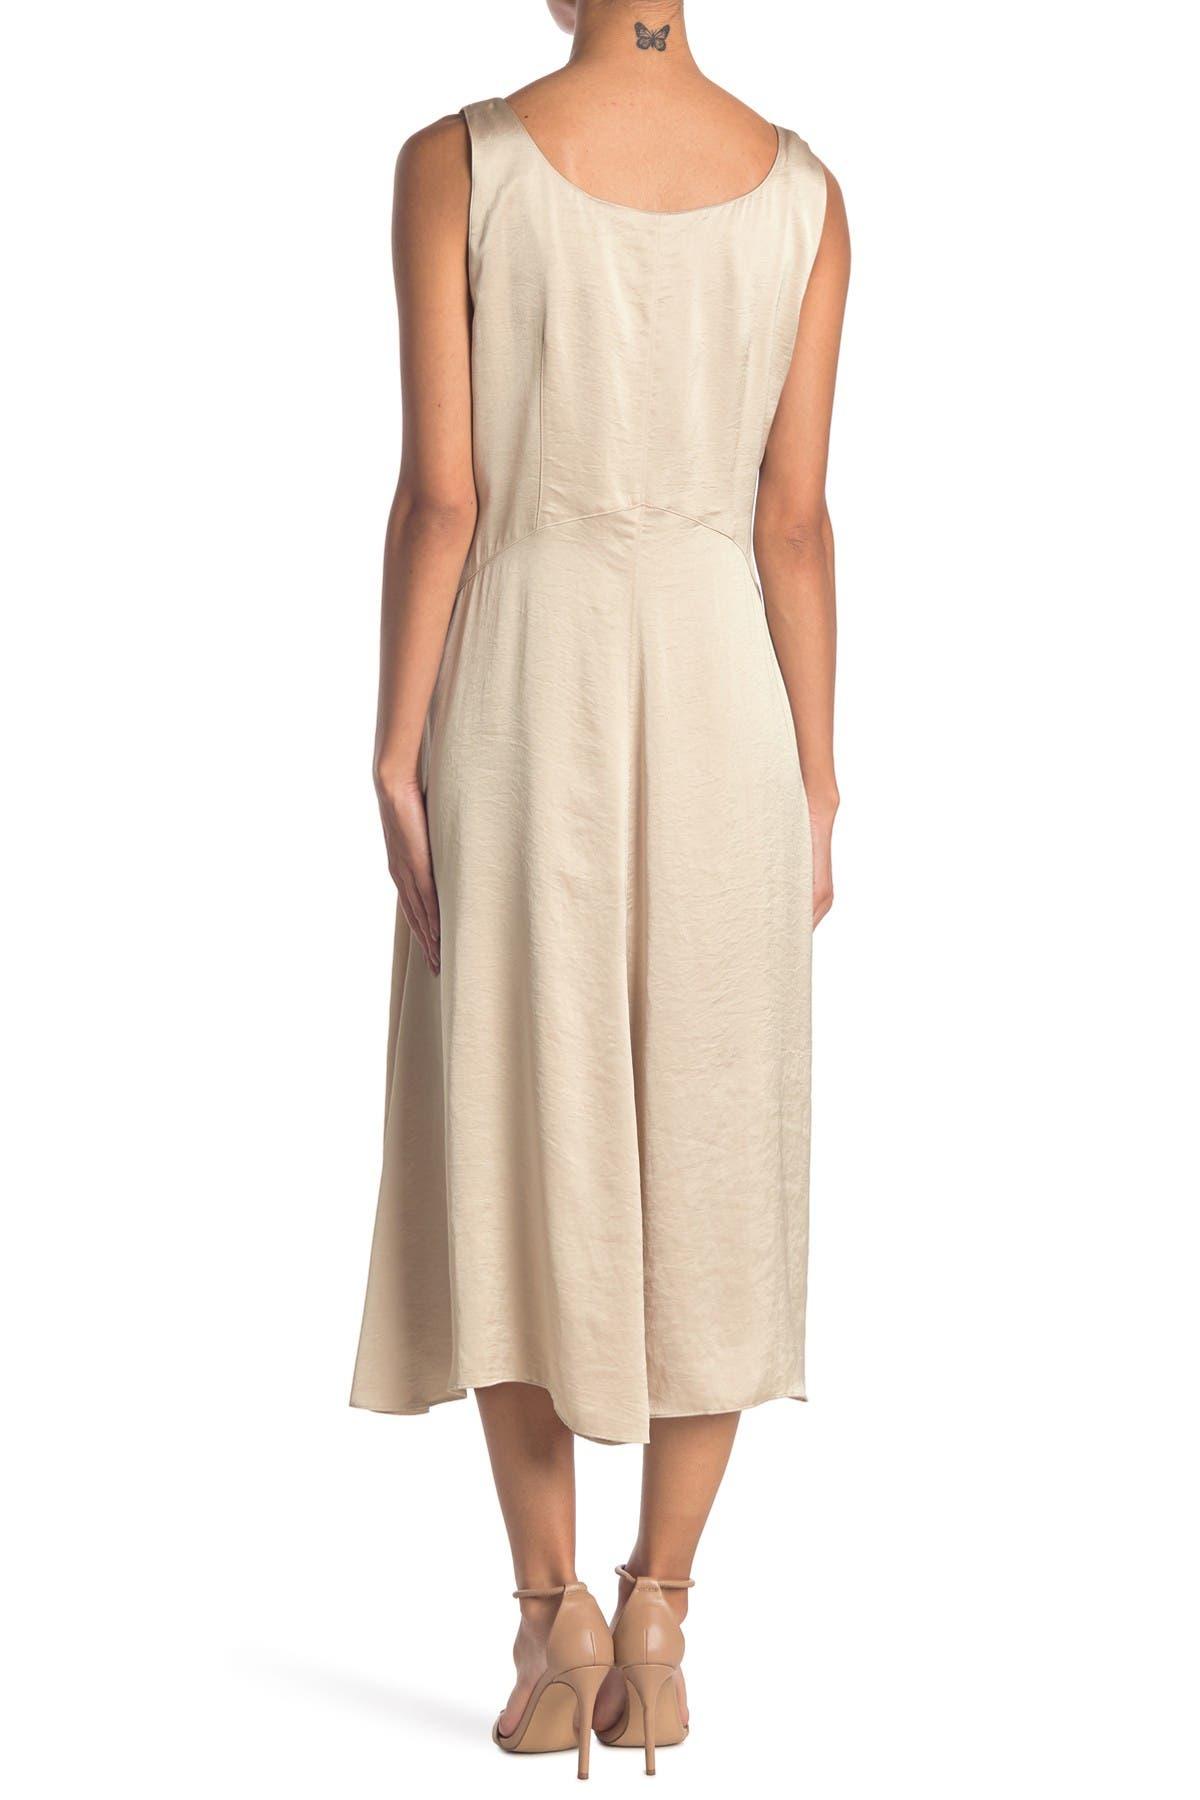 Elie Tahari Olive Satin Midi Dress